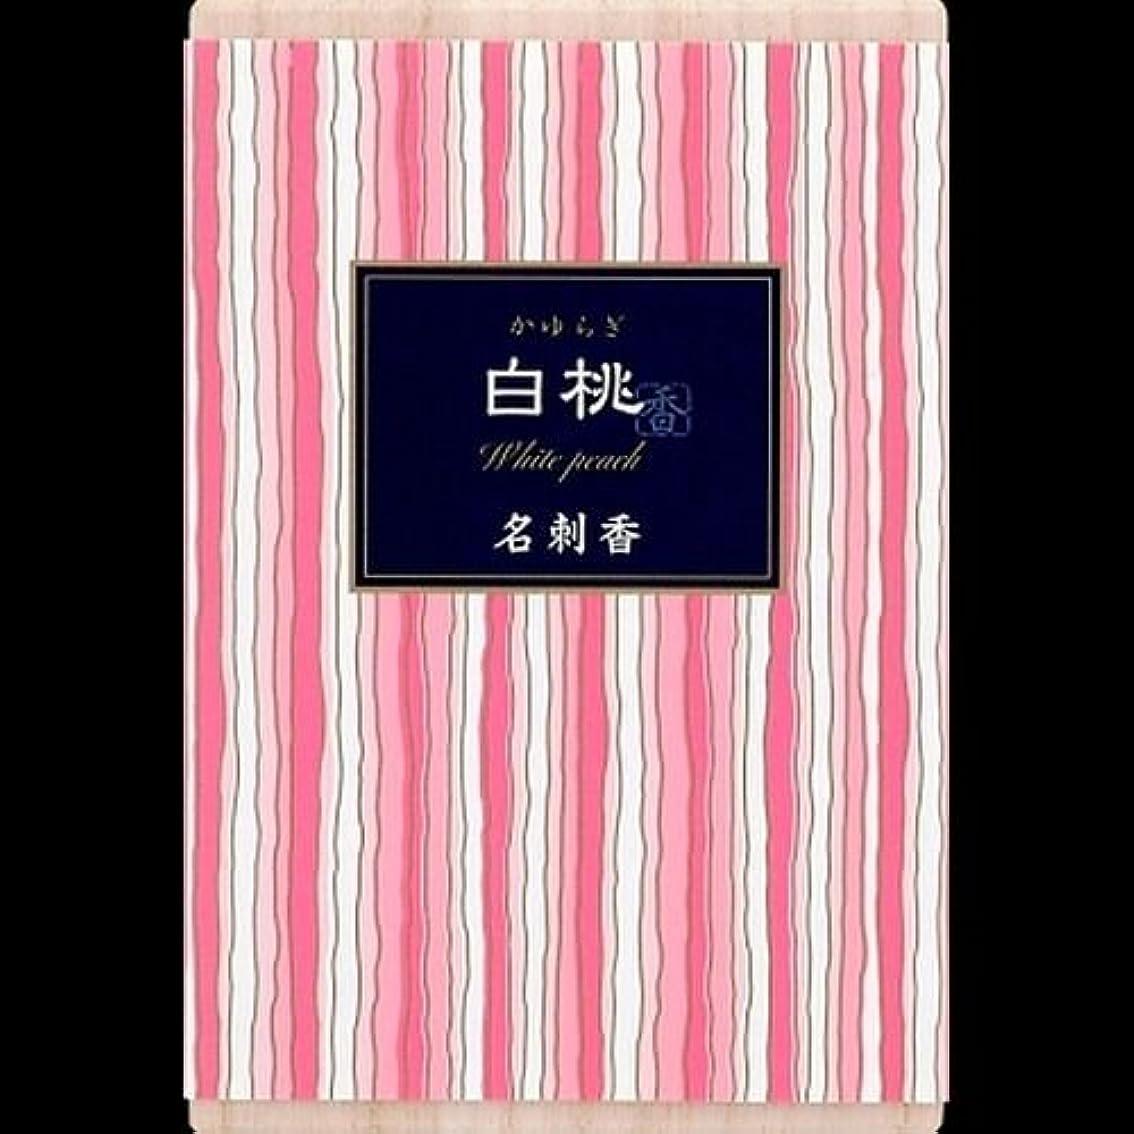 恨みスクレーパー襟【まとめ買い】かゆらぎ 白桃 名刺香 桐箱 6入 ×2セット